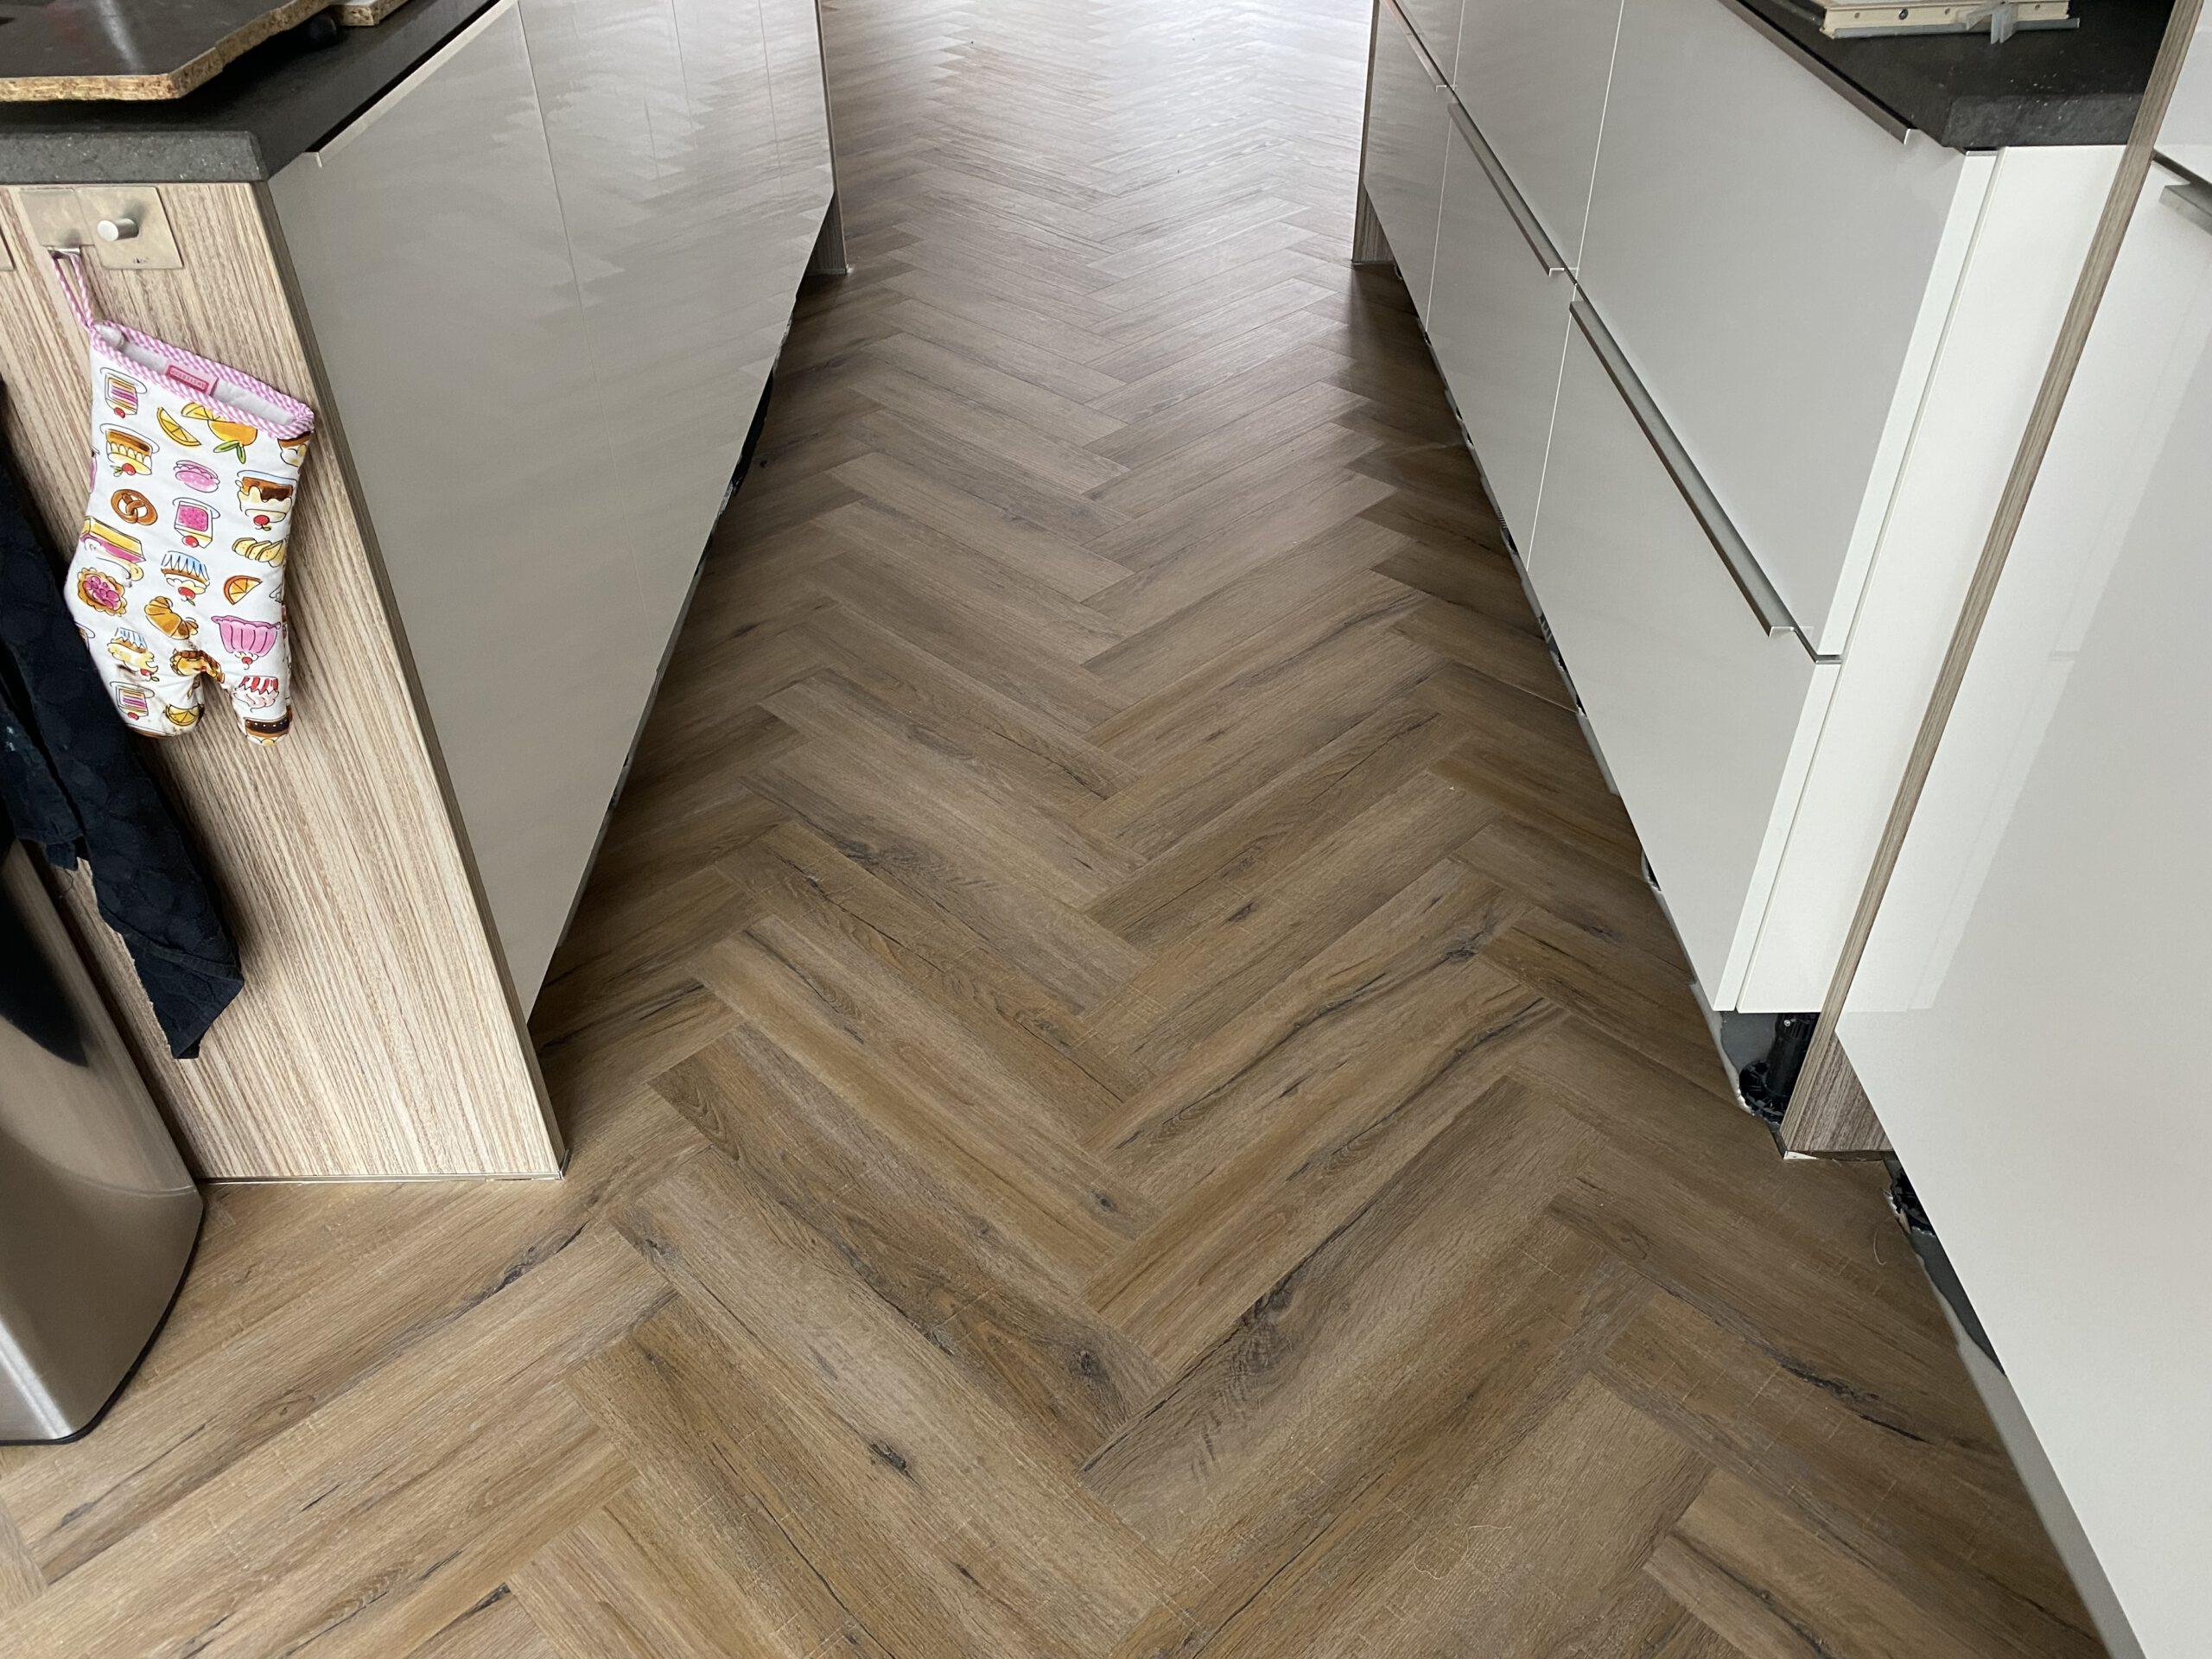 Visgraat laminaat 0.55mm slijtlaag alleen materiaal € 33,95 per vierkante meter 1